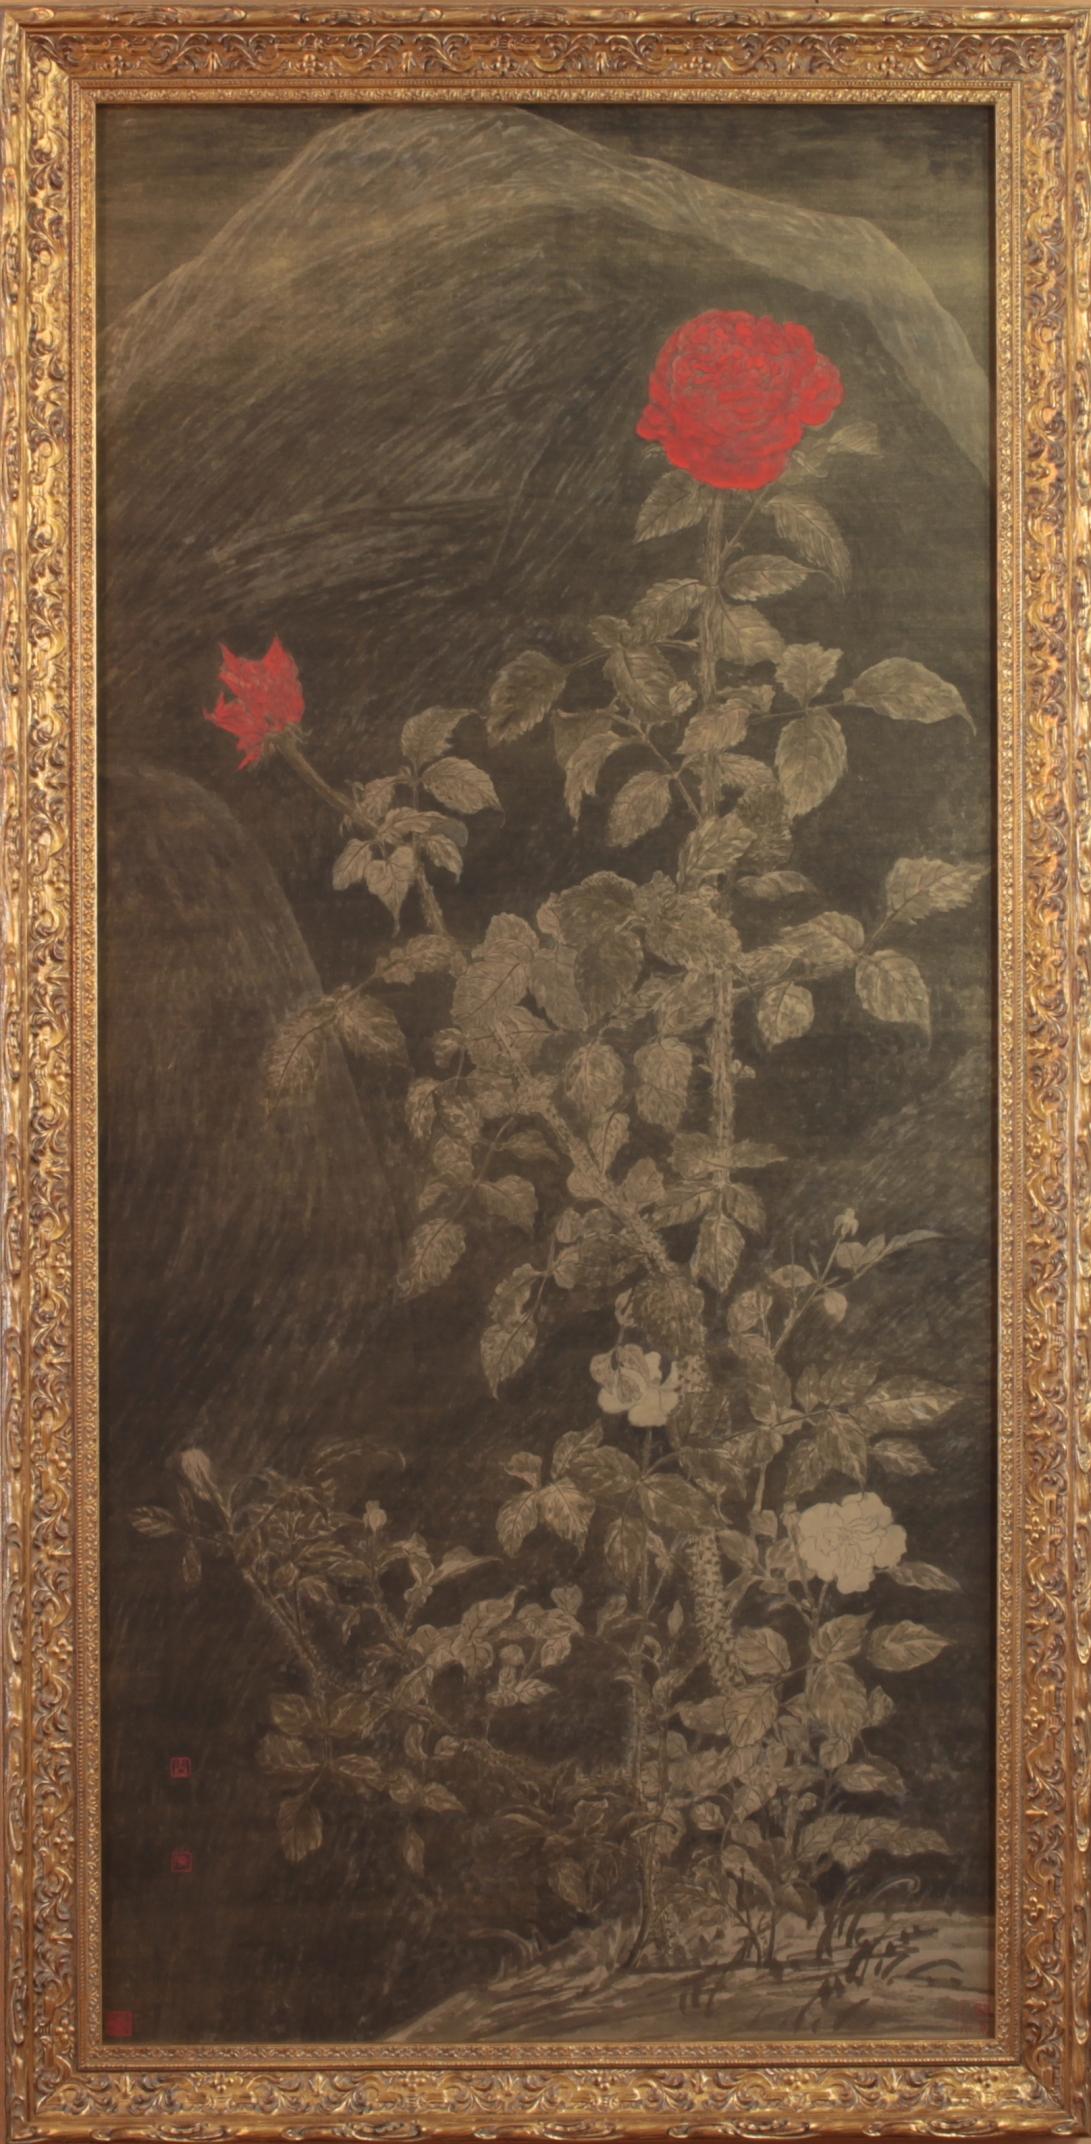 51 紅玫瑰與白玫瑰 2015 水墨、泥金宣 101x47cm(5.2才)